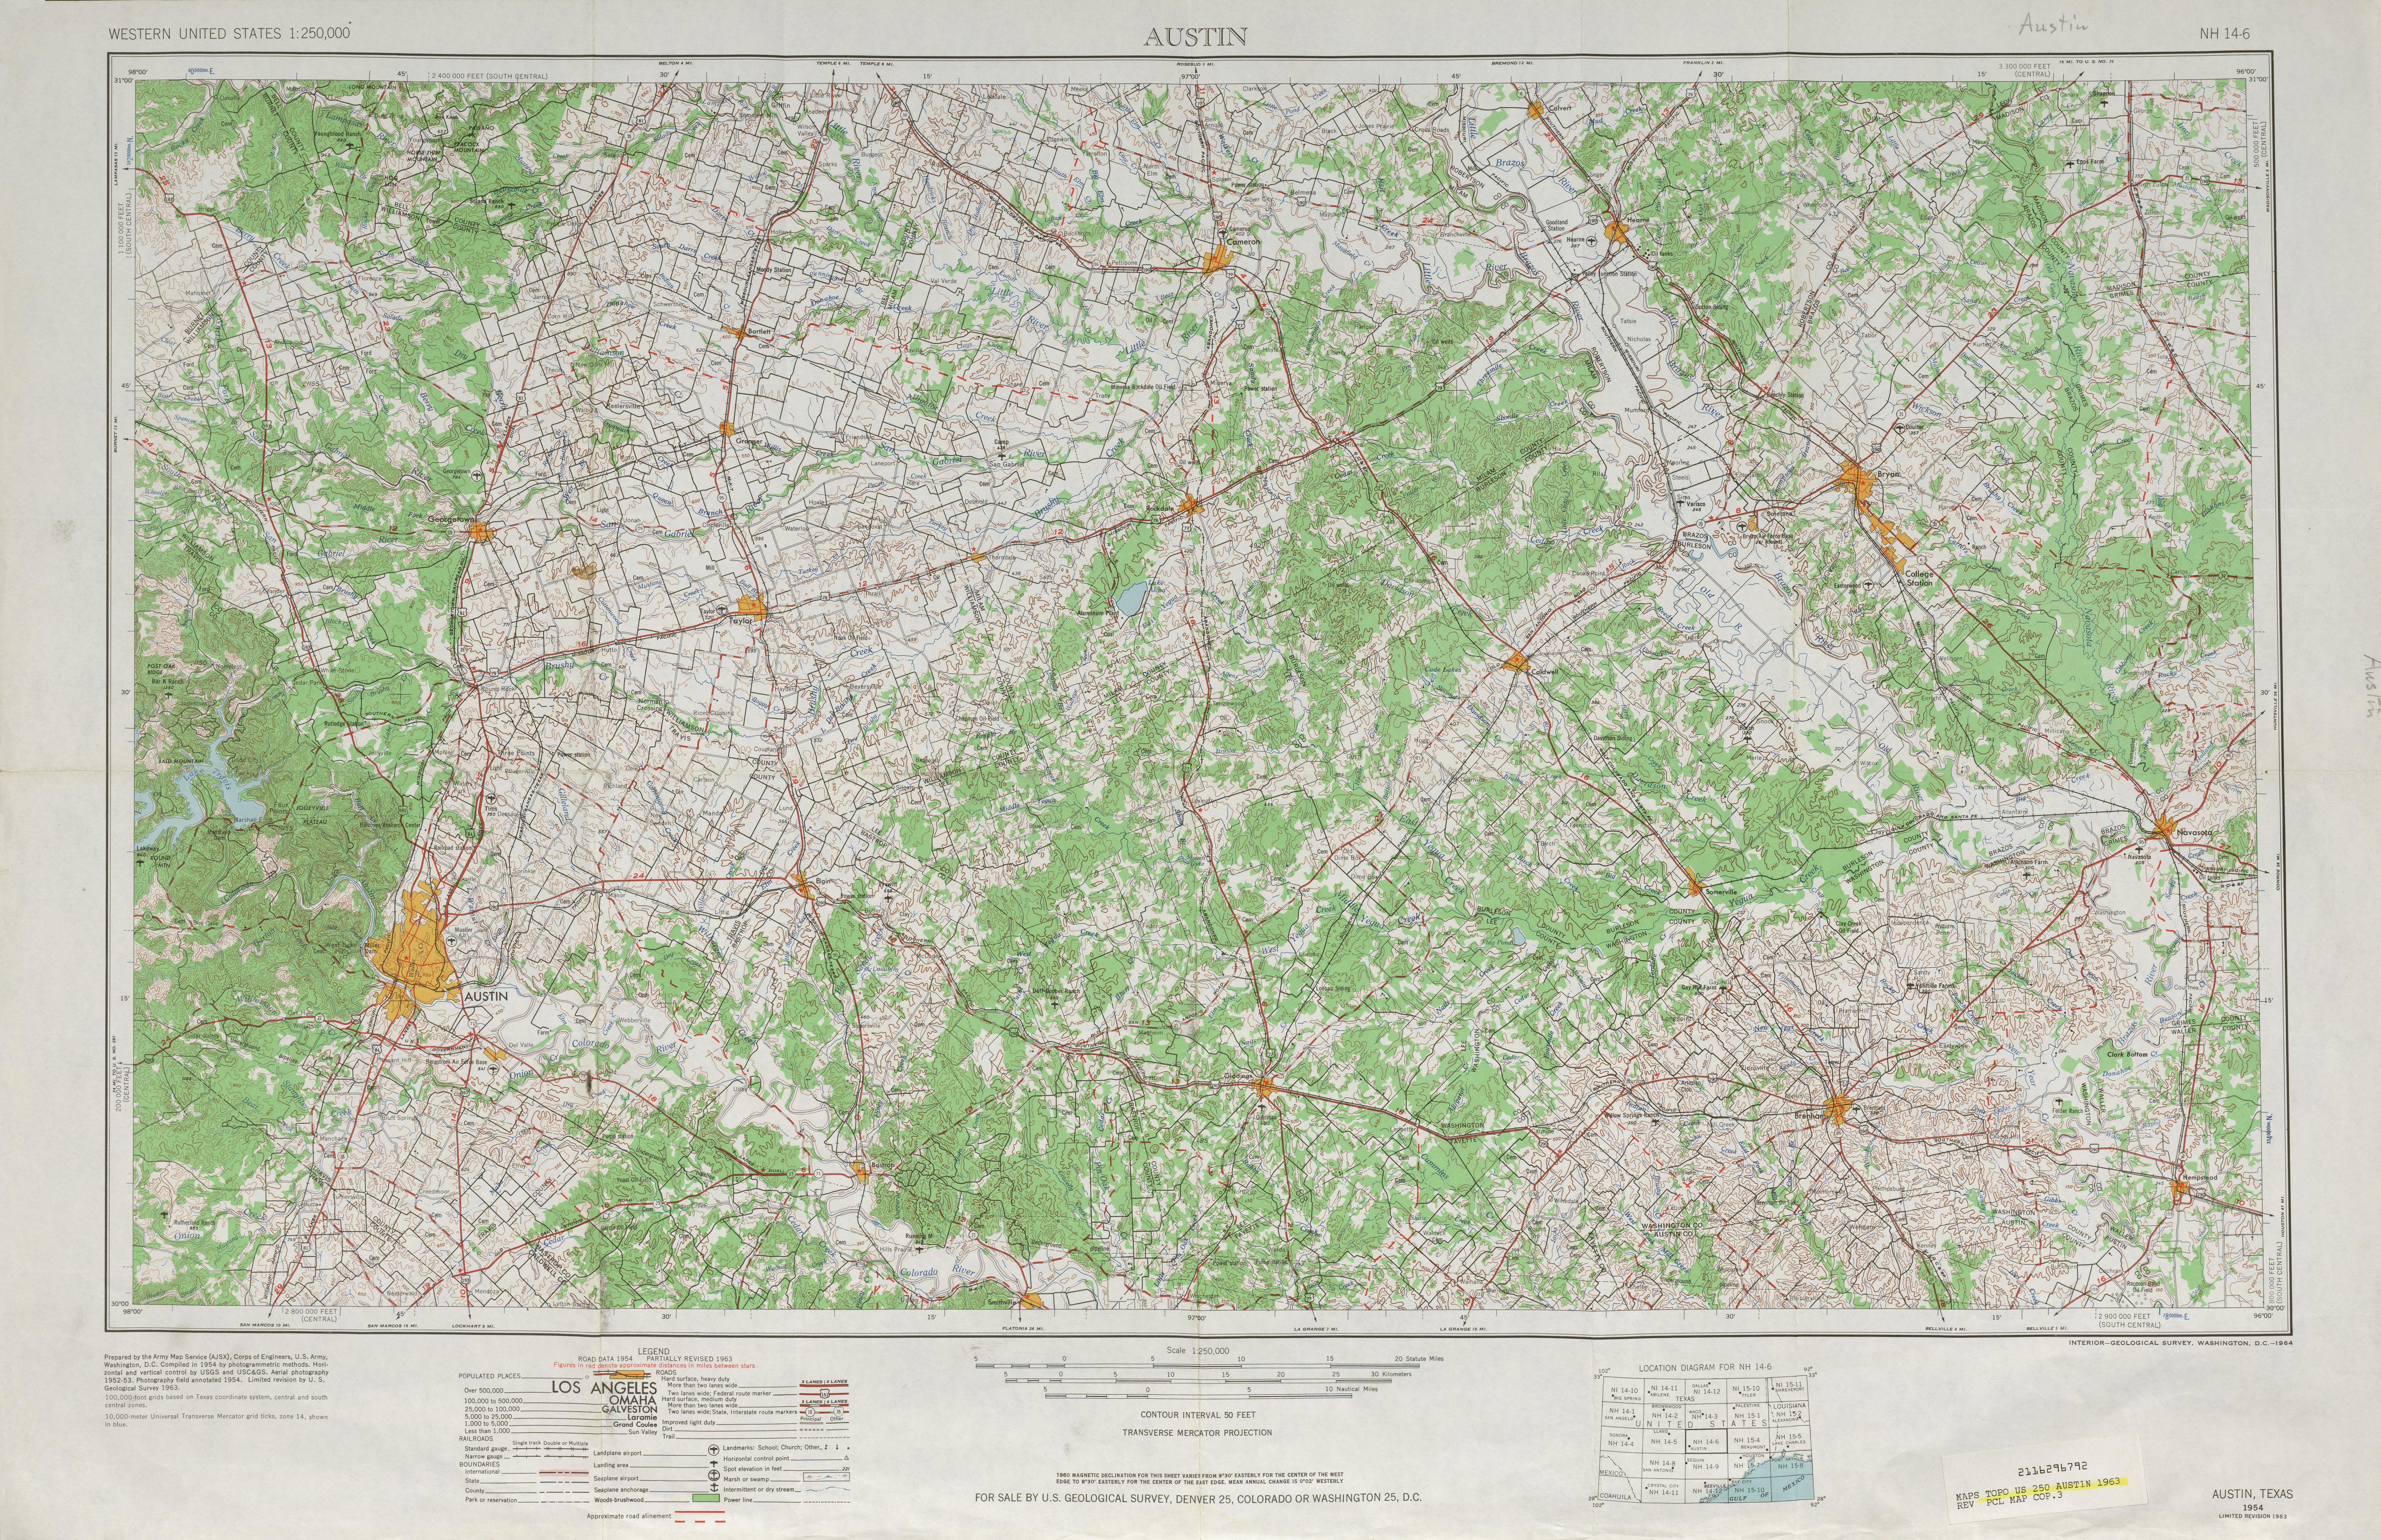 Hoja Austin del Mapa Topográfico de los Estados Unidos 1963